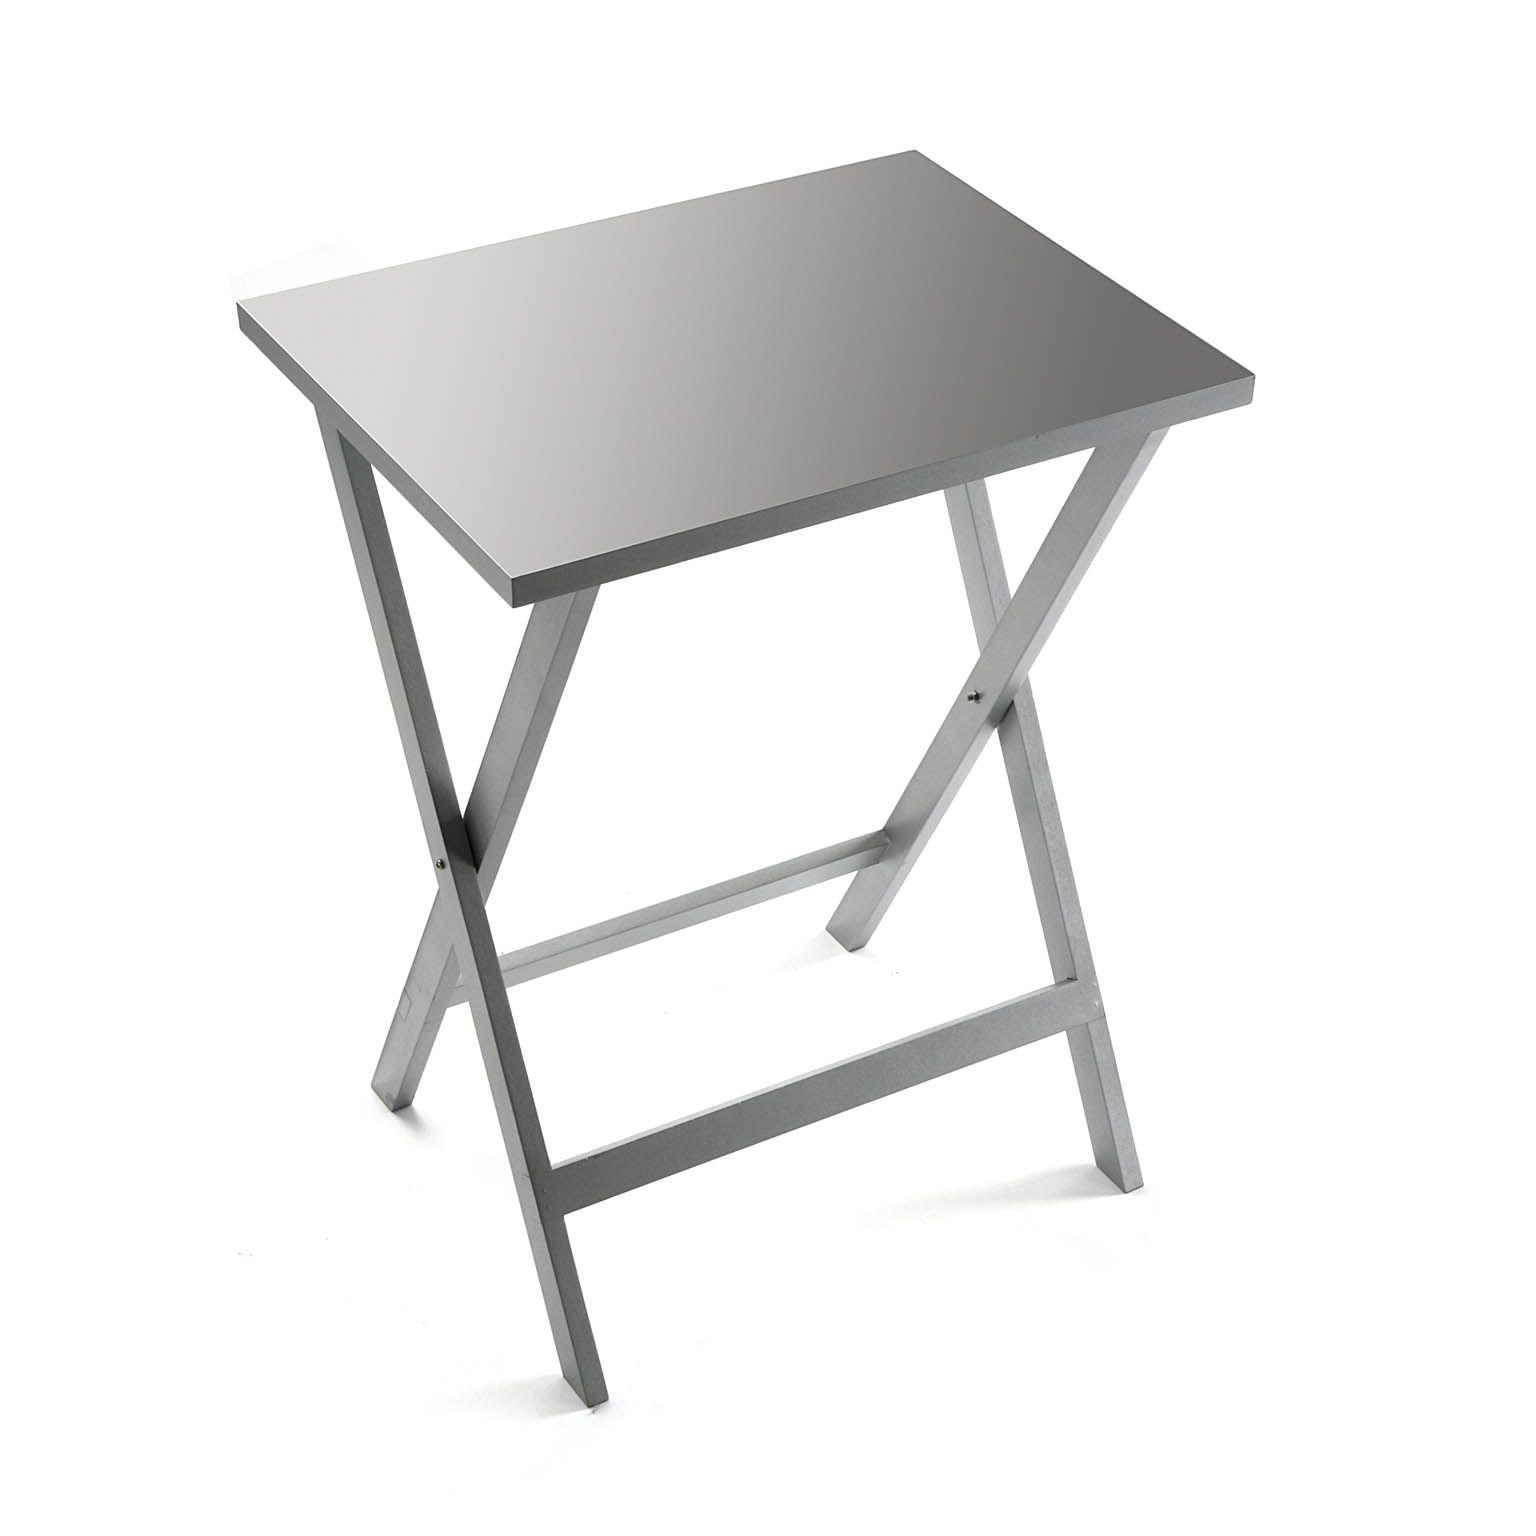 Mesa auxiliar plegable plata mesa auxiliar casa versa - Mesa auxiliar plegable ...